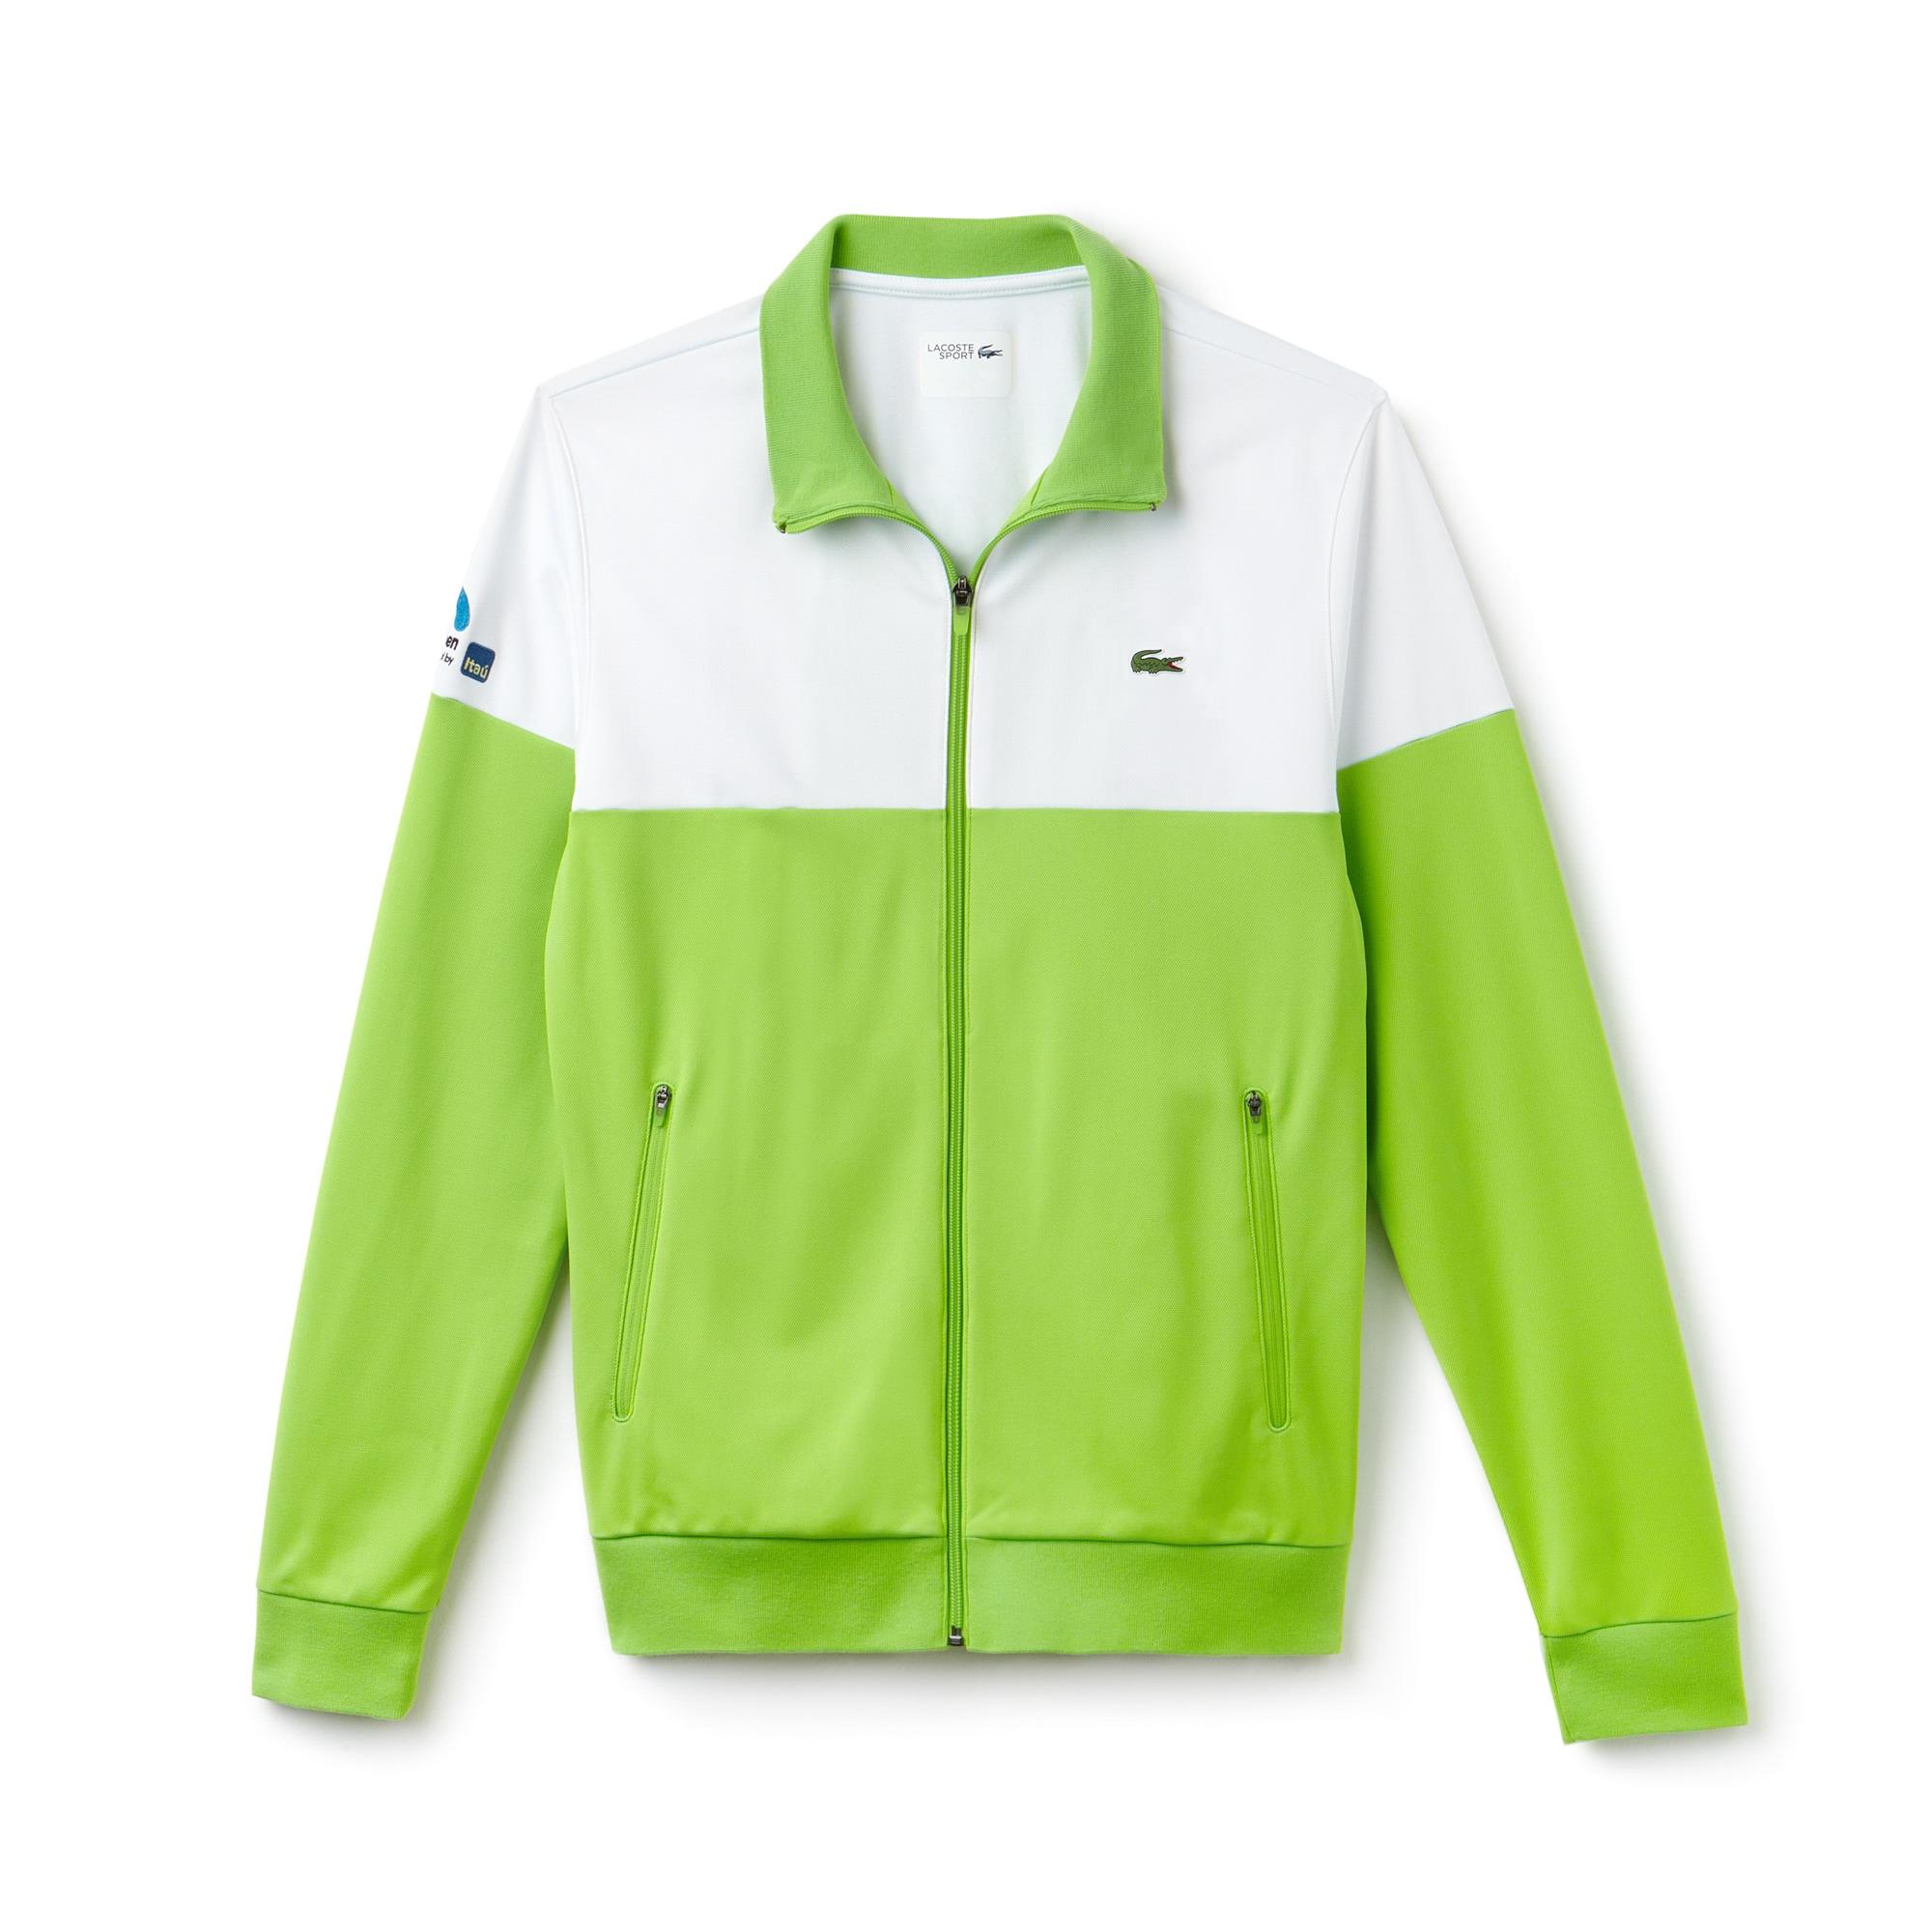 Men's SPORT Miami Open Colorblock Zip Tech Piqué Tennis Sweatshirt